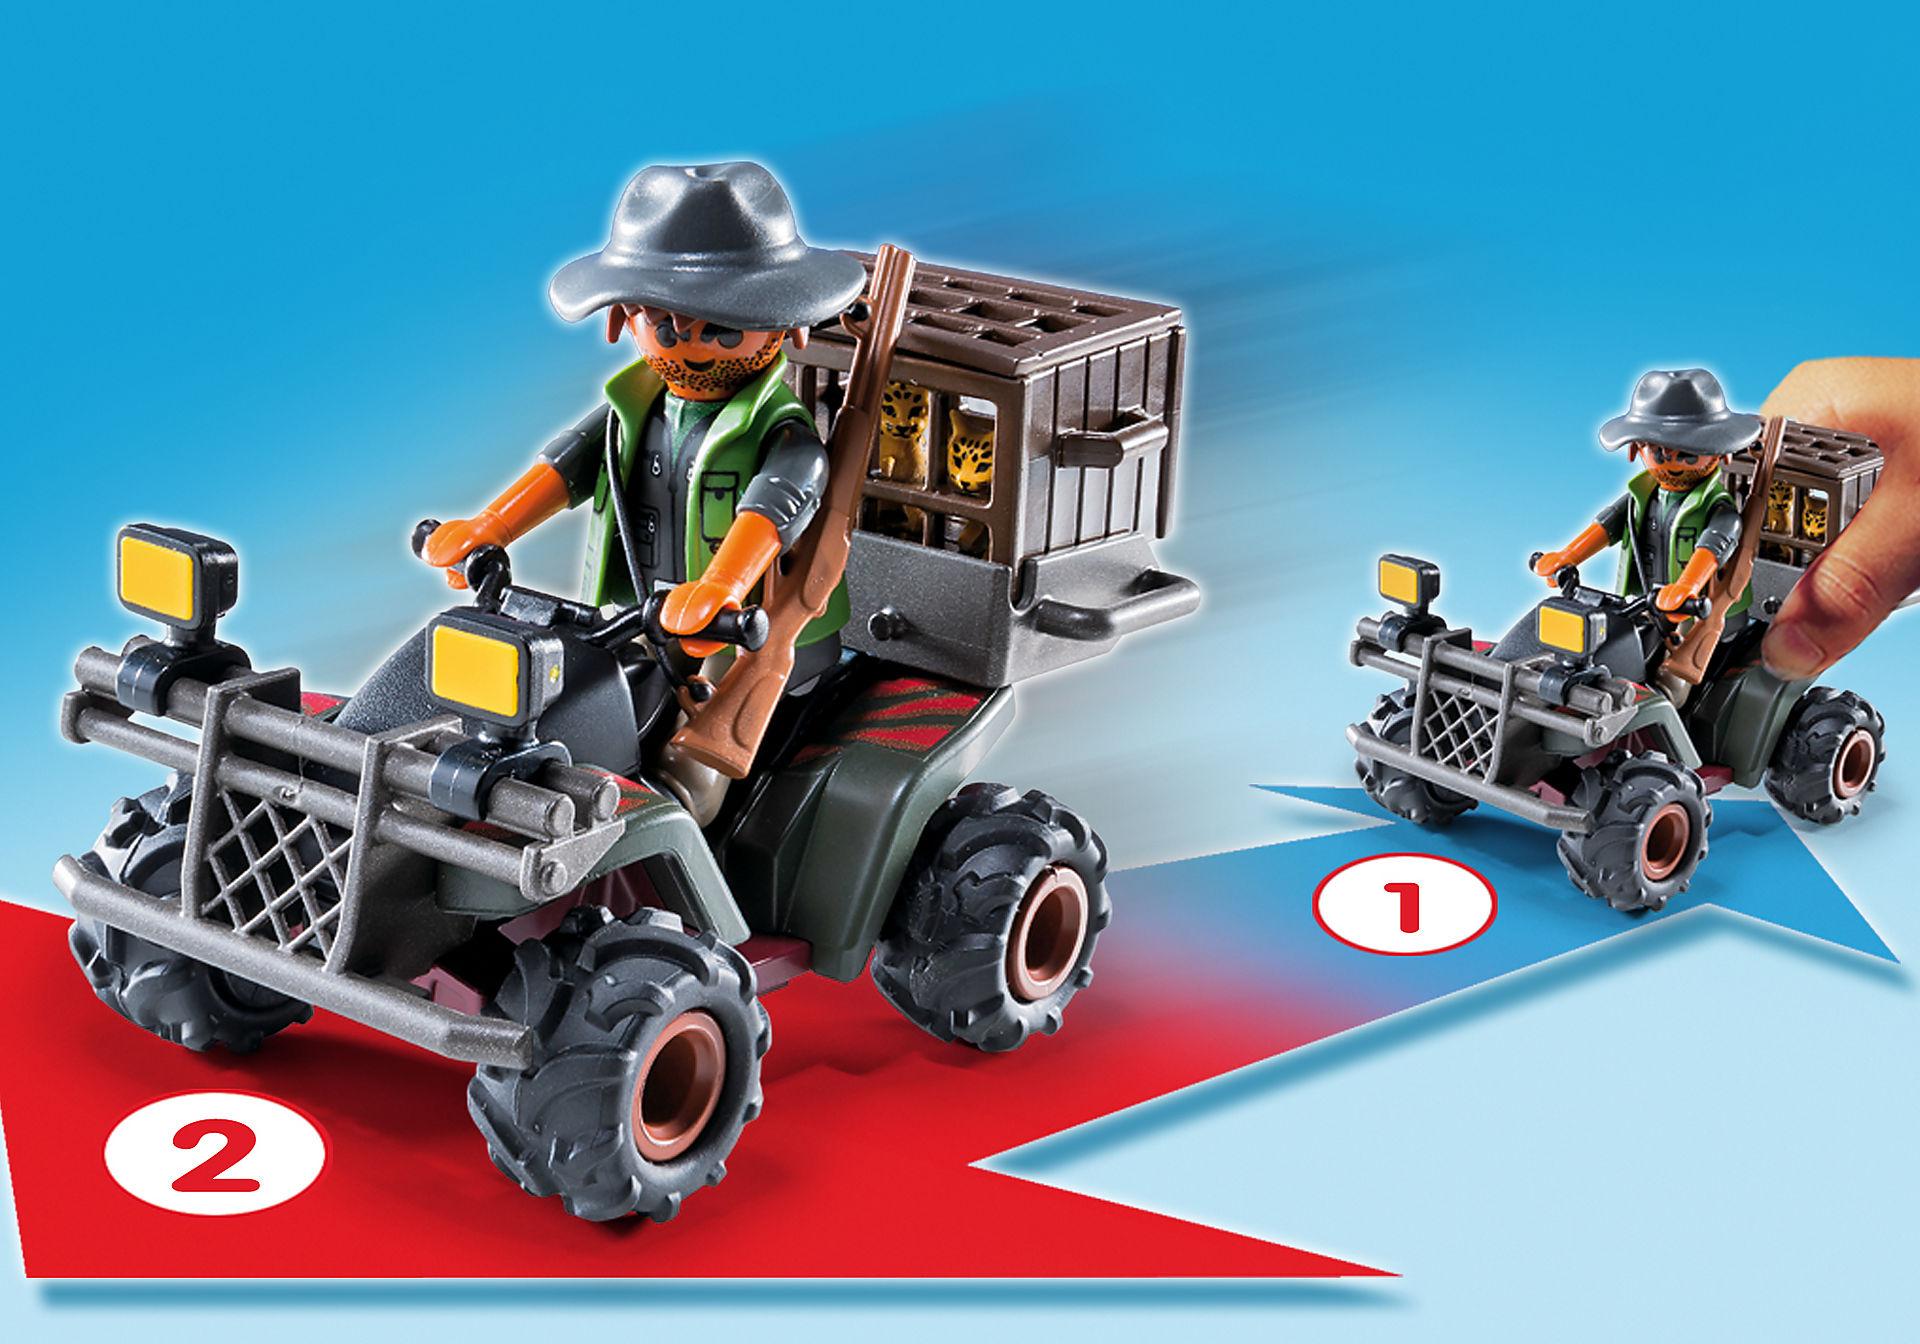 http://media.playmobil.com/i/playmobil/6939_product_extra1/Caçador com Moto 4